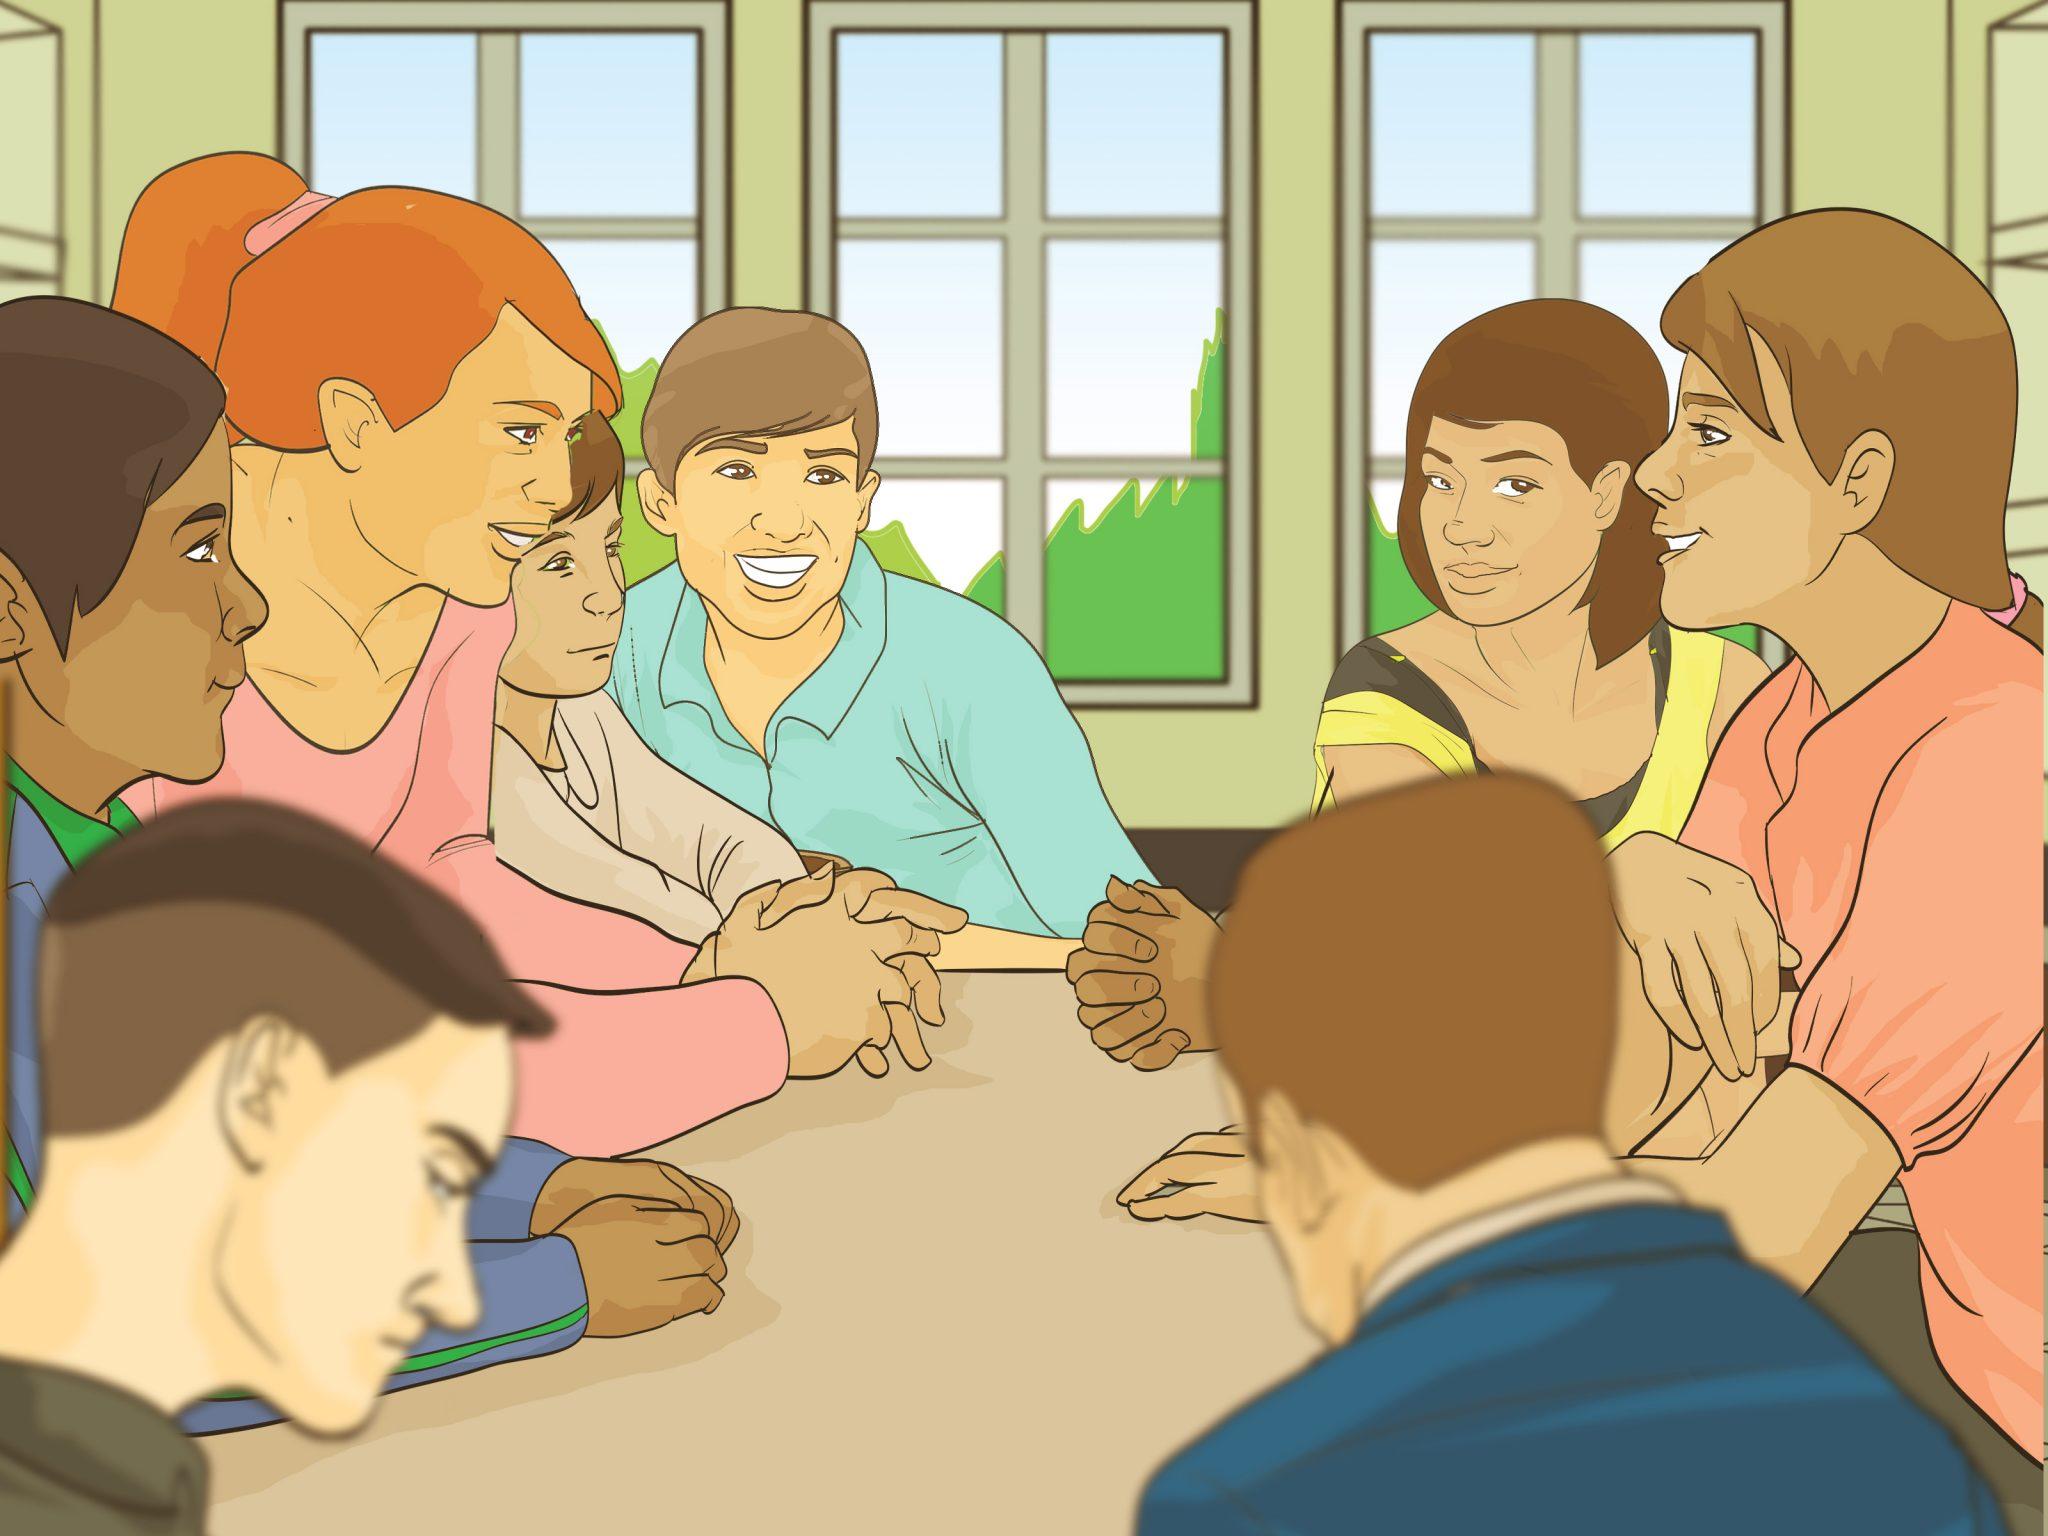 چگونه با دیگران ارتباط برقرار کنیم